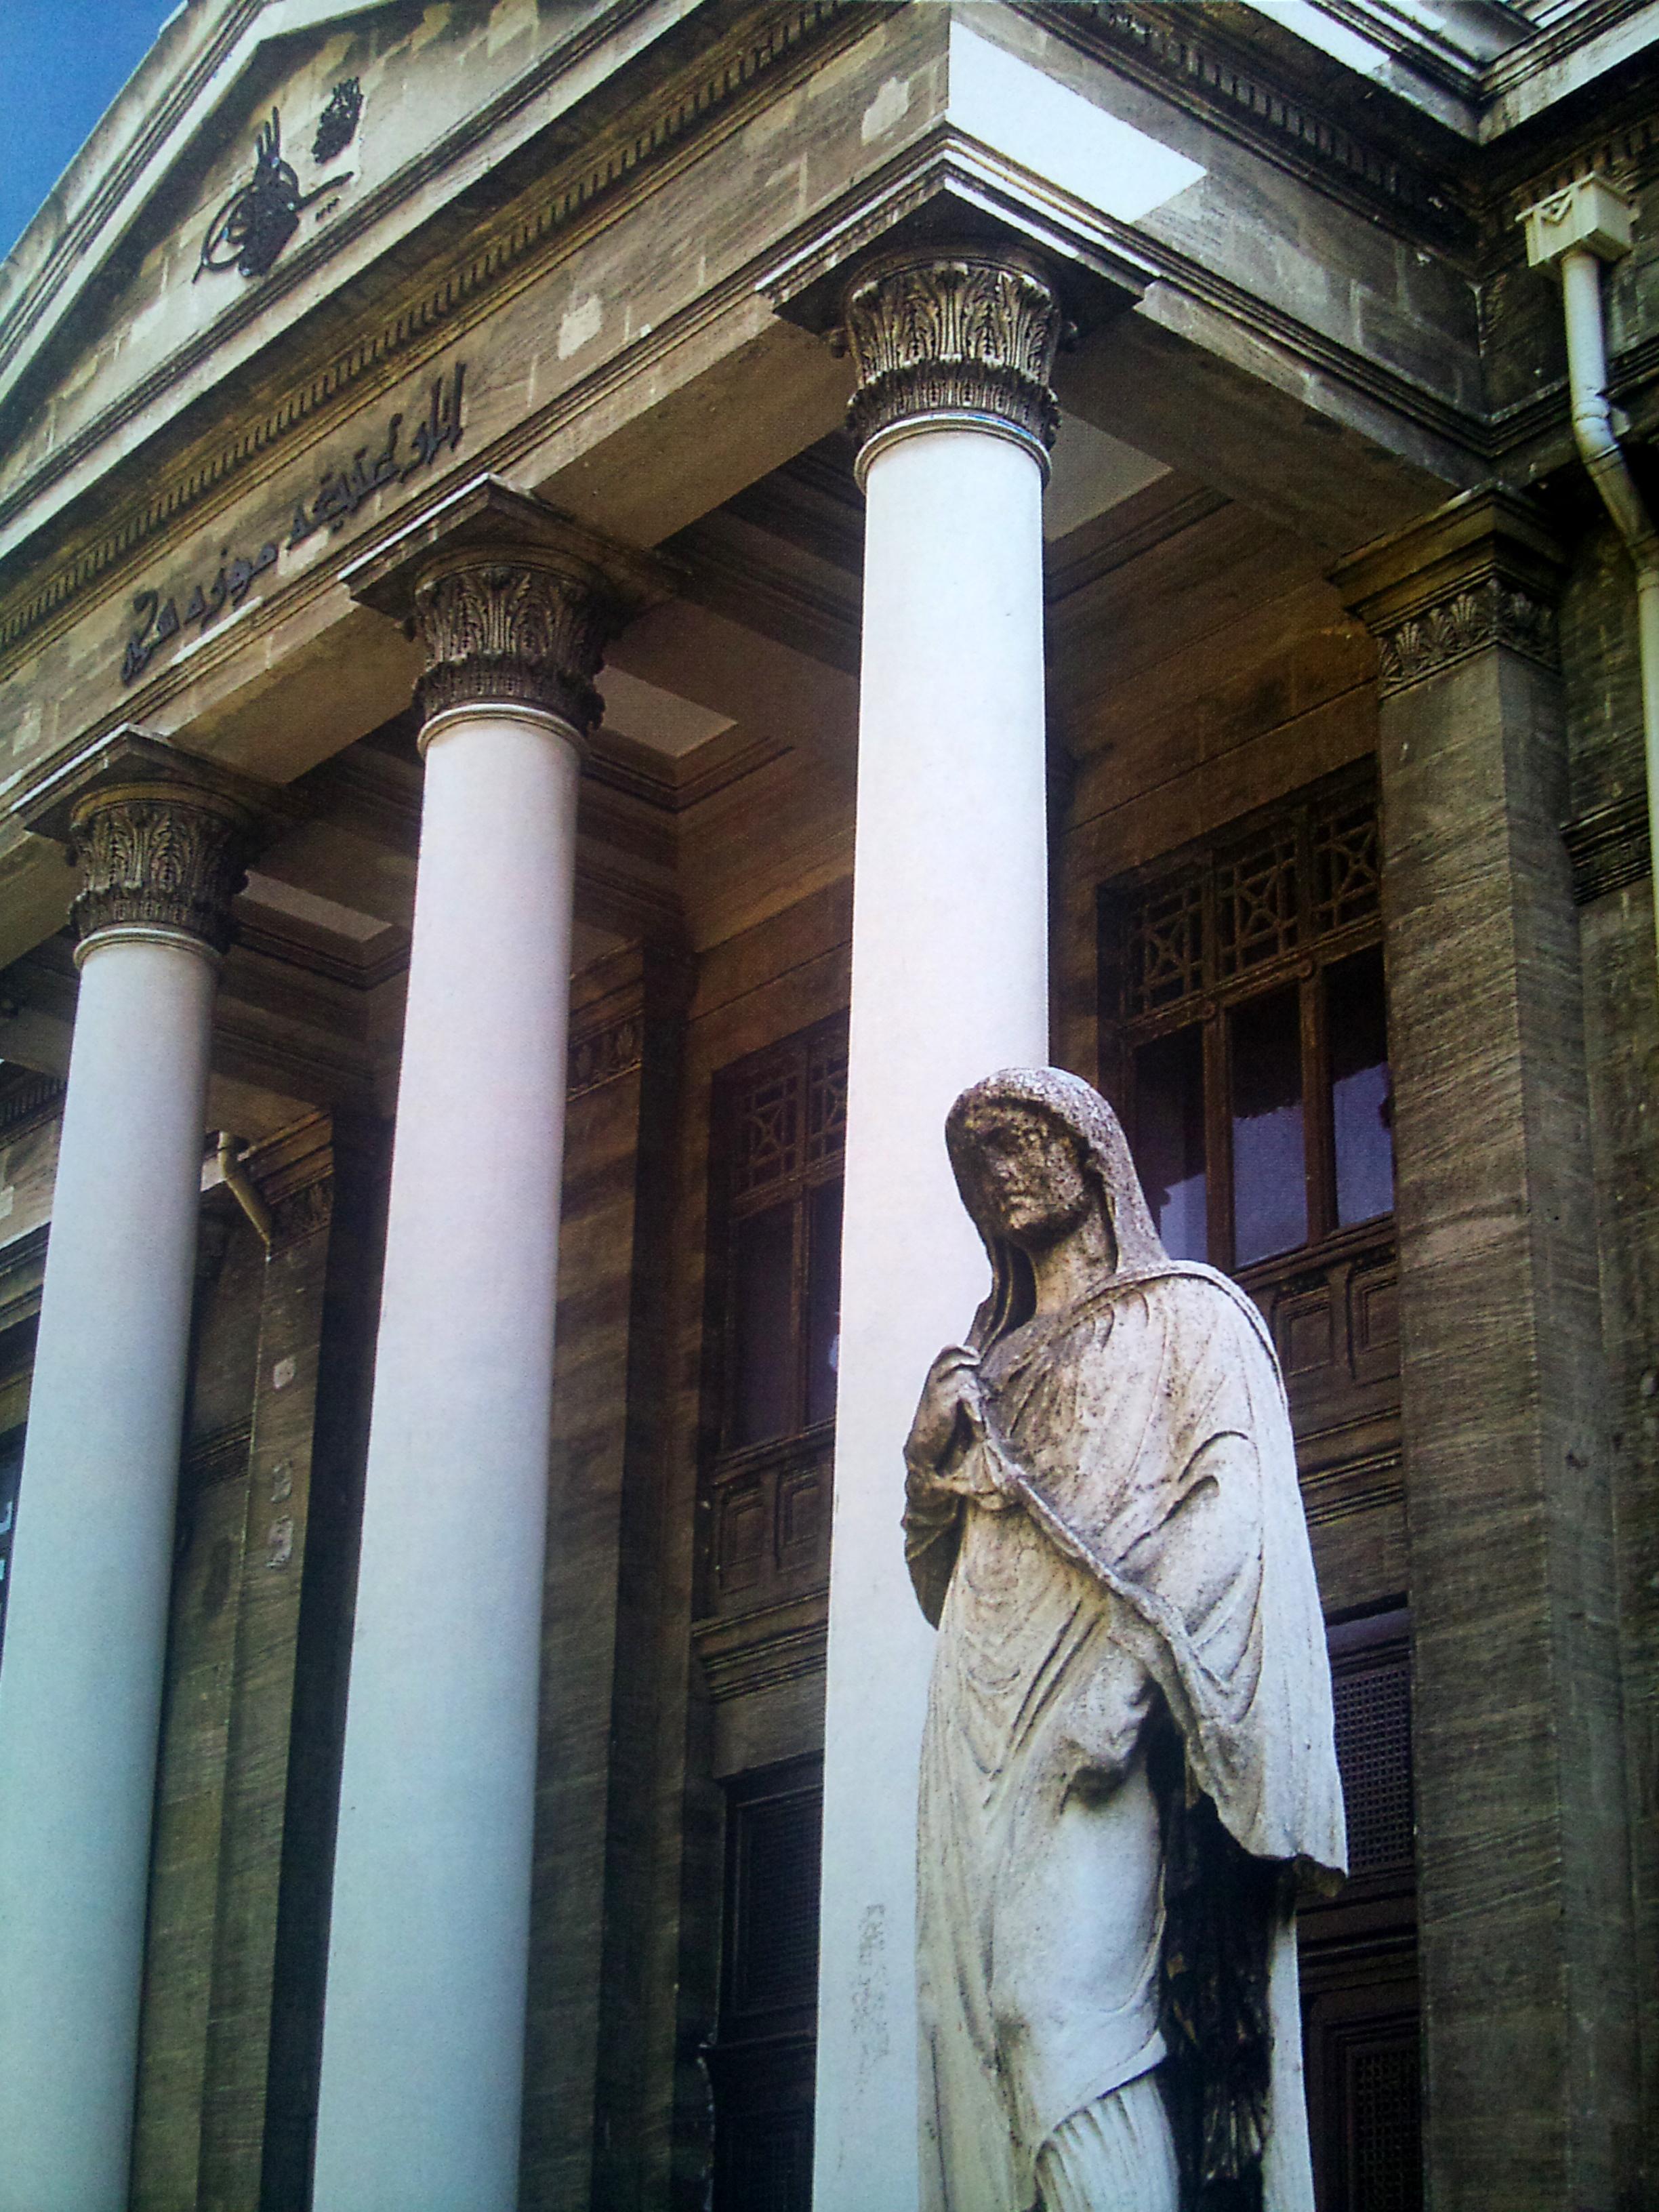 Αρχιτέκτονας του μουσείου, ο Αλεξάντερ Βαλωρύ...